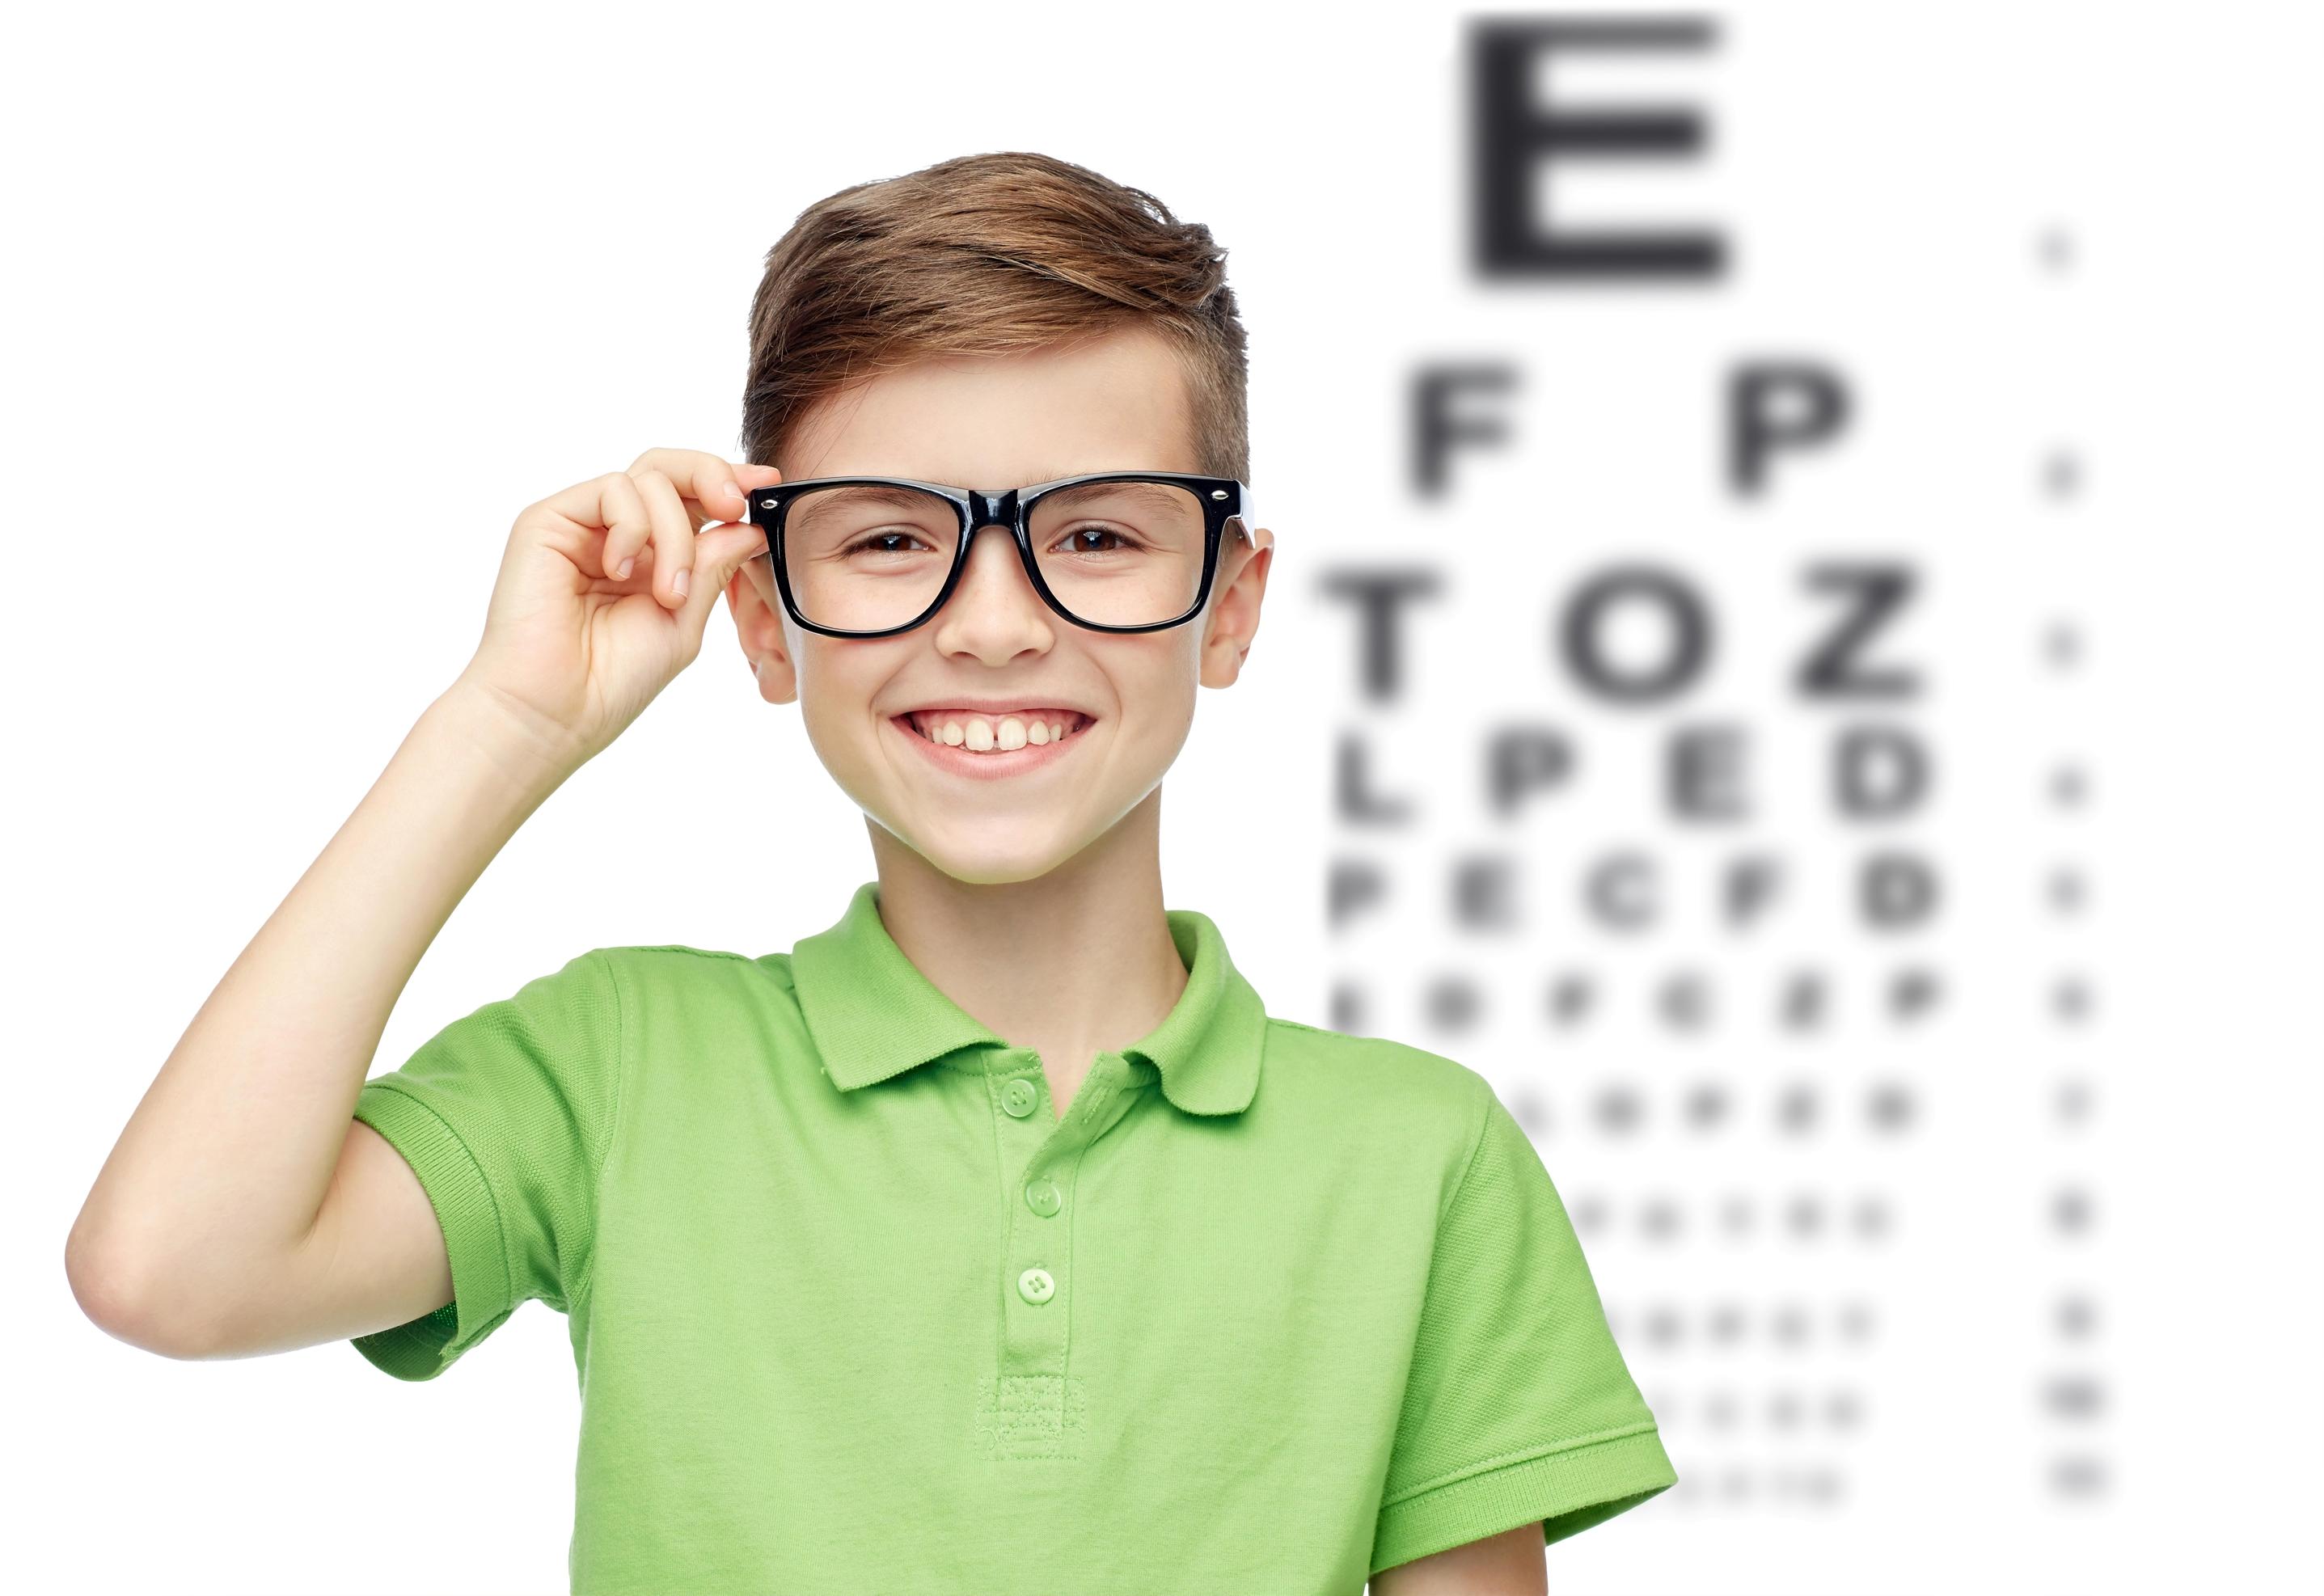 szemész rövidlátásról és rövidlátásról szembetegség távollátás és rövidlátás